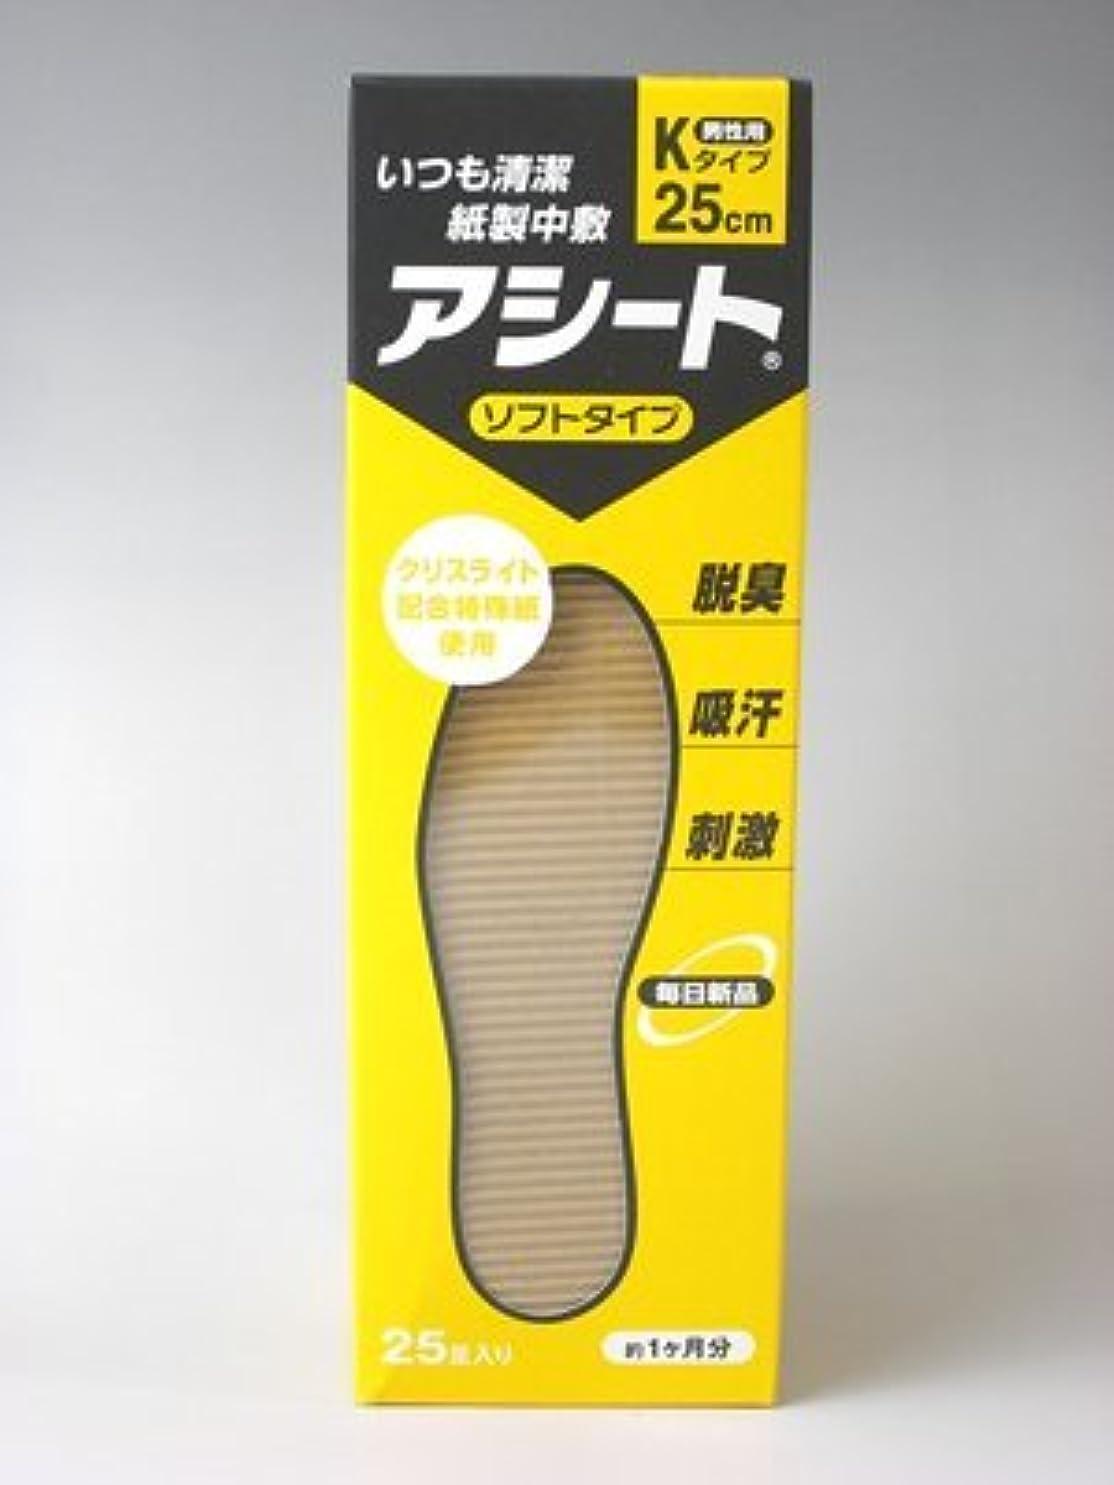 確立書き込みチューインガムアシートKタイプ25足入(ソフトタイプ)23cm